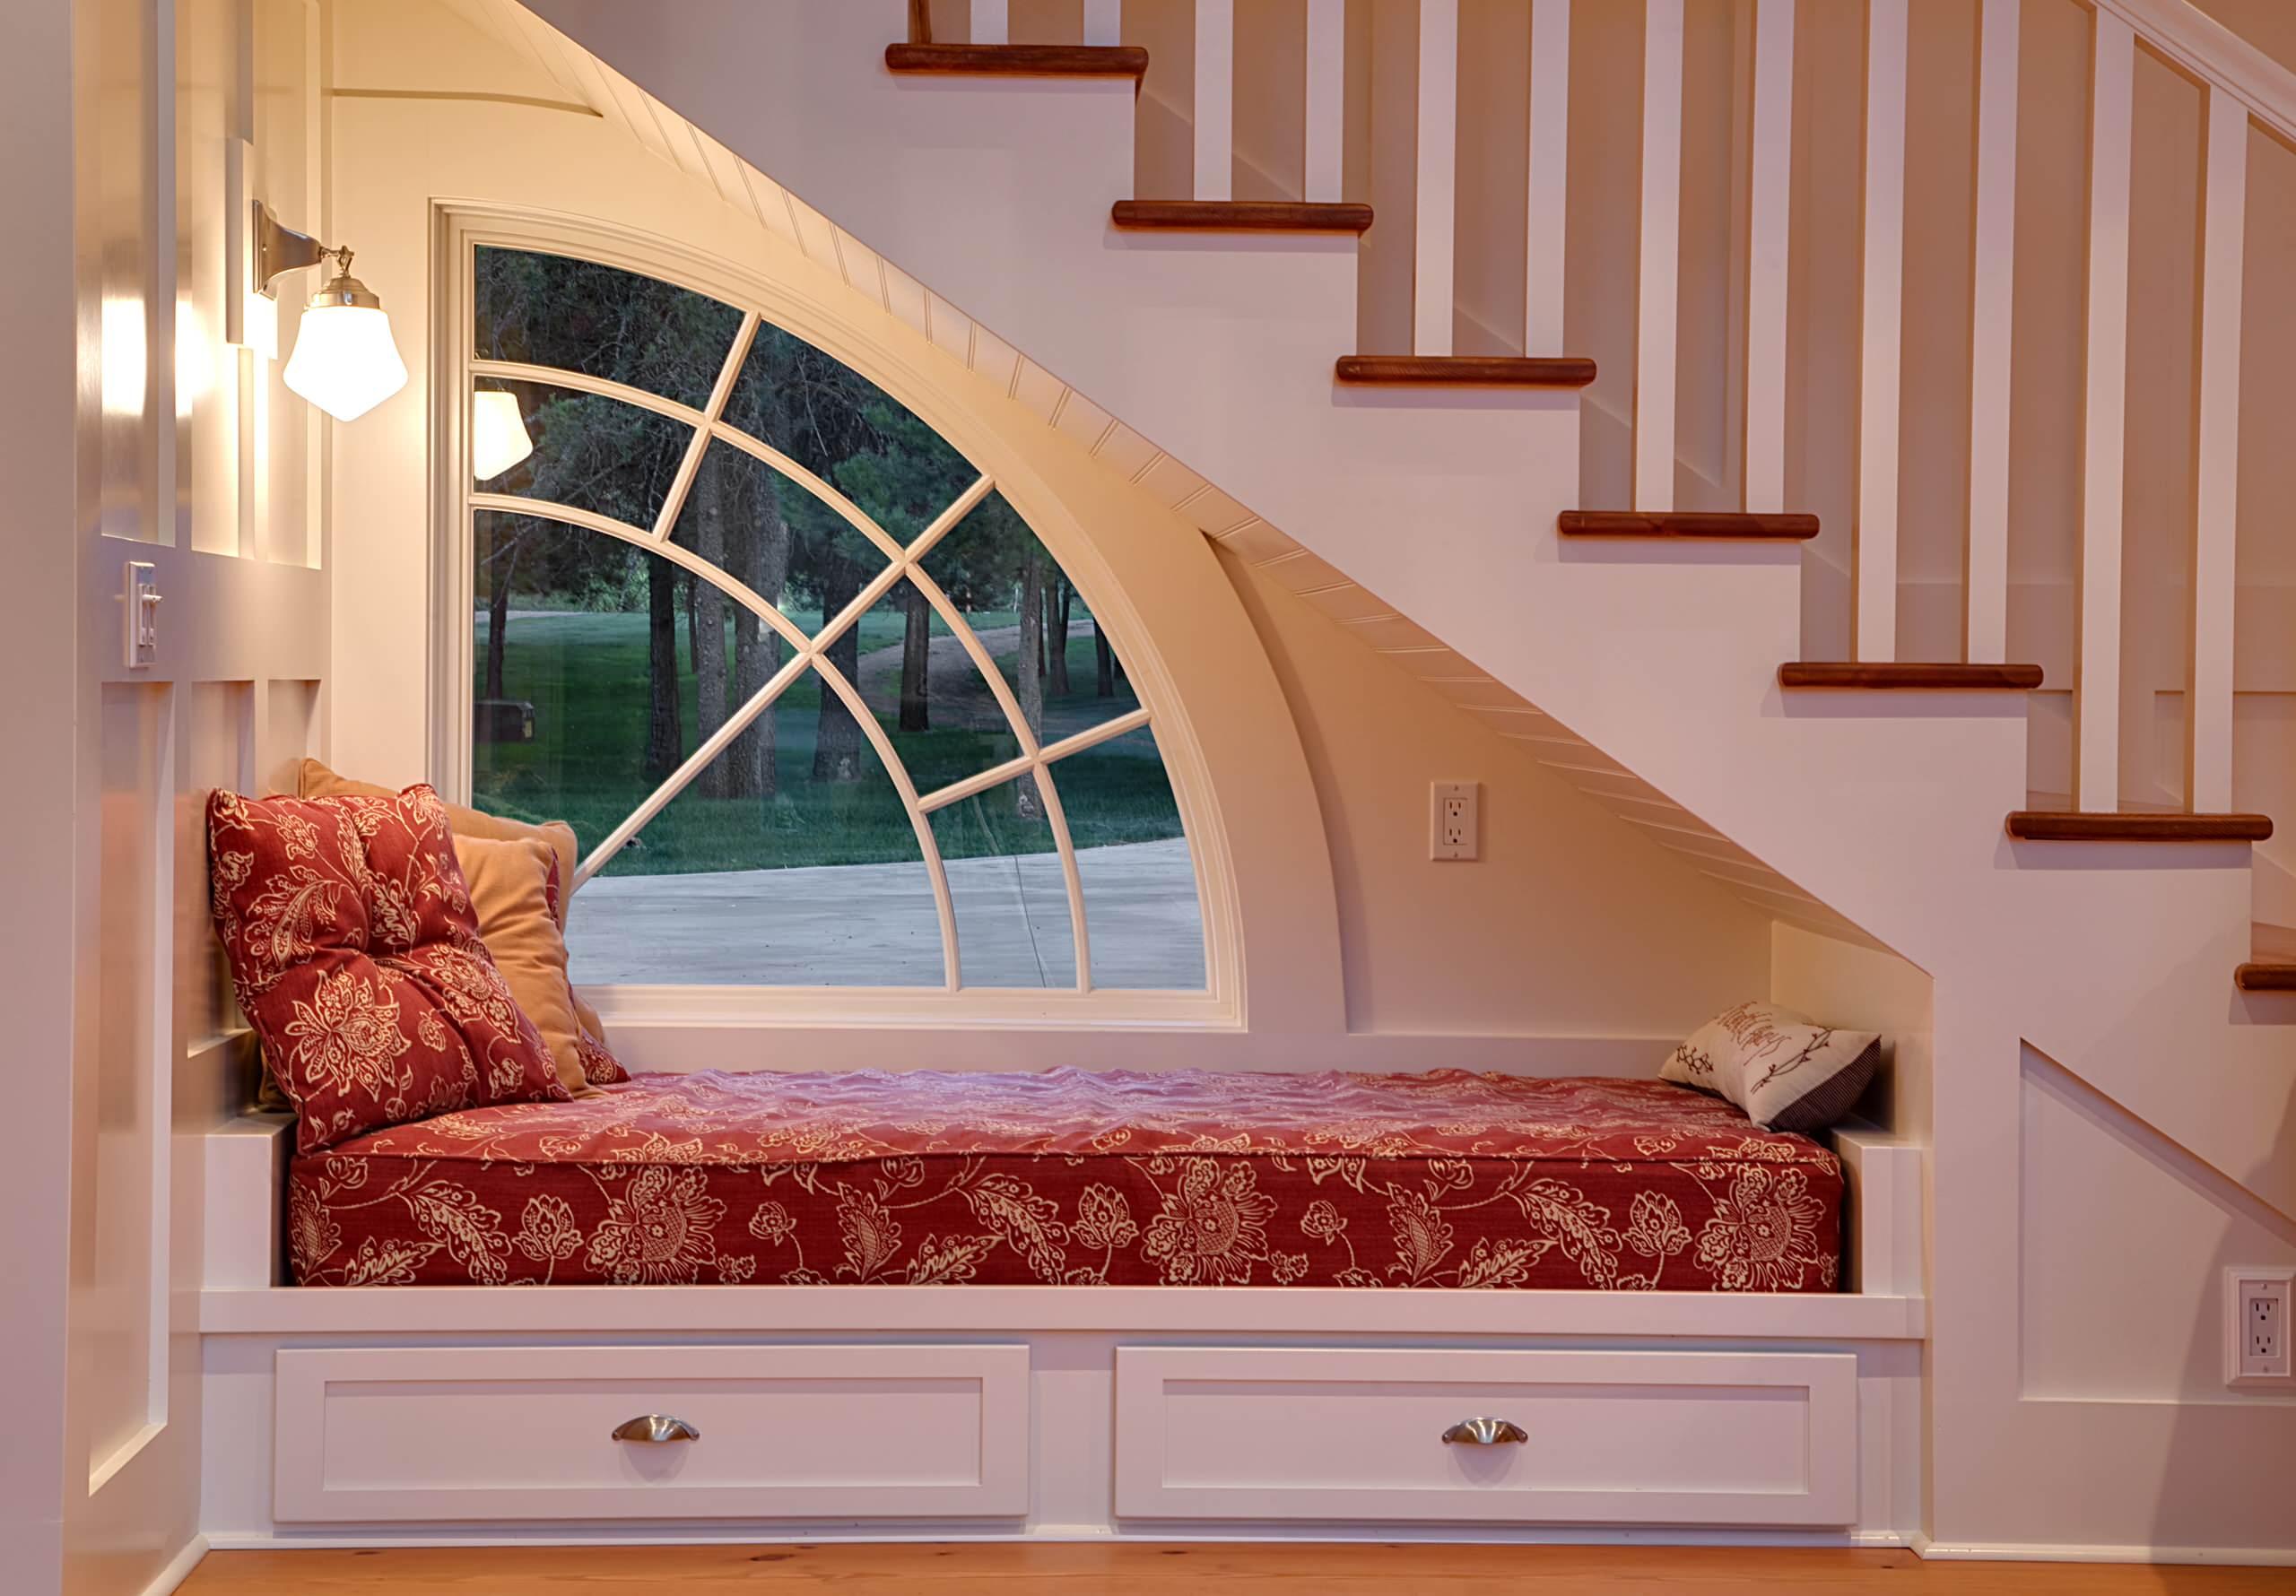 5 cách tận dụng gầm cầu thang giúp bạn tiết kiệm không gian sống một cách triệt để - Ảnh 10.